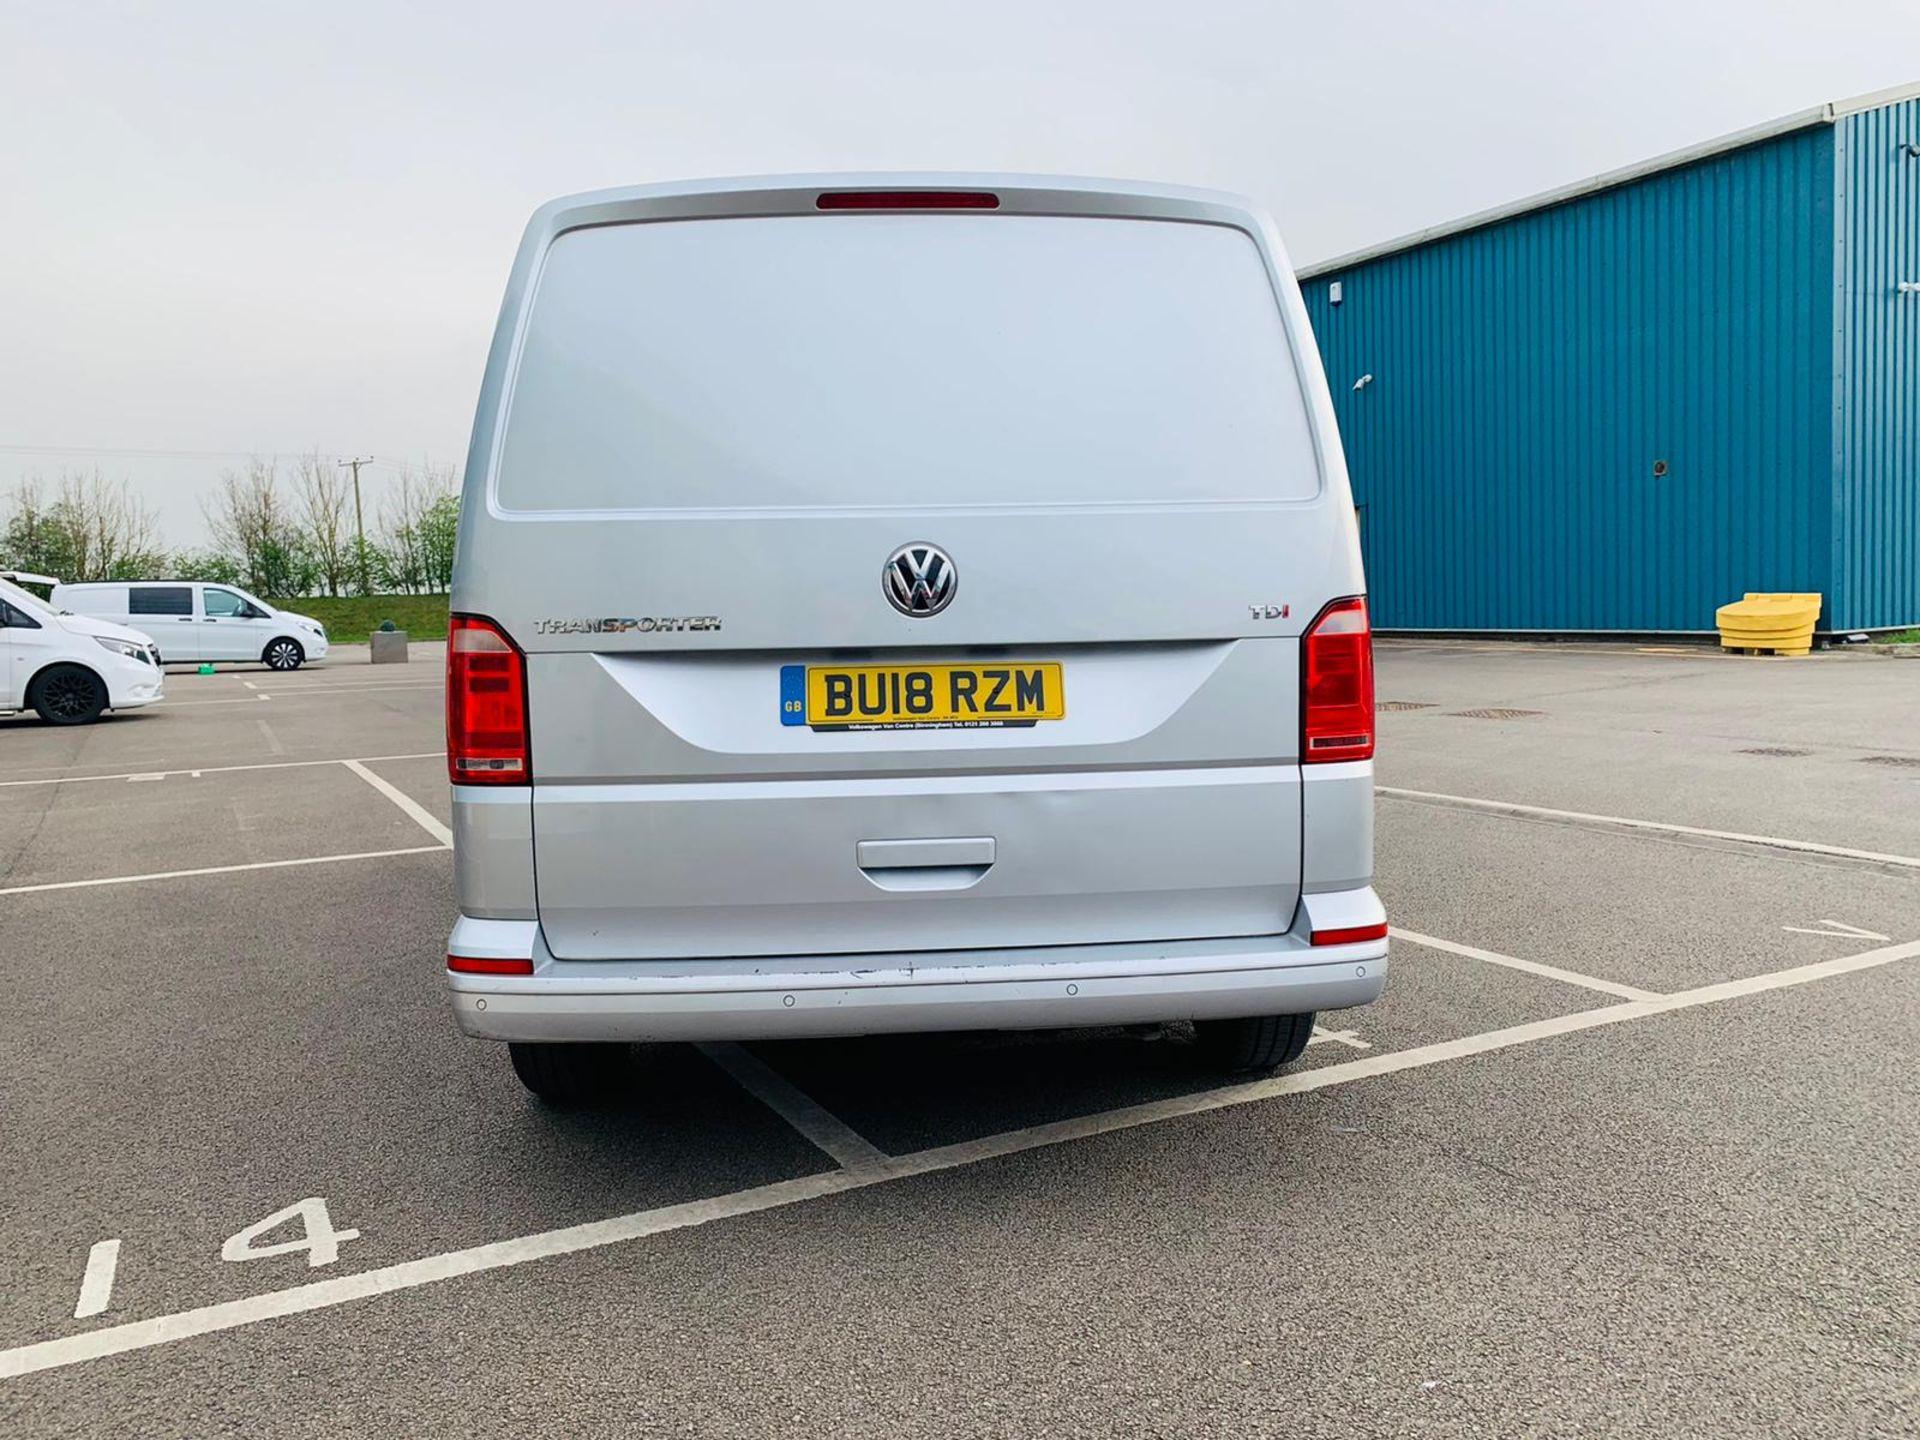 (RESERVE MET) Volkswagen (VW) Transporter 2.0 TDI 150 Highline T28 2018 18 Reg - Parking Sensors - - Image 6 of 23